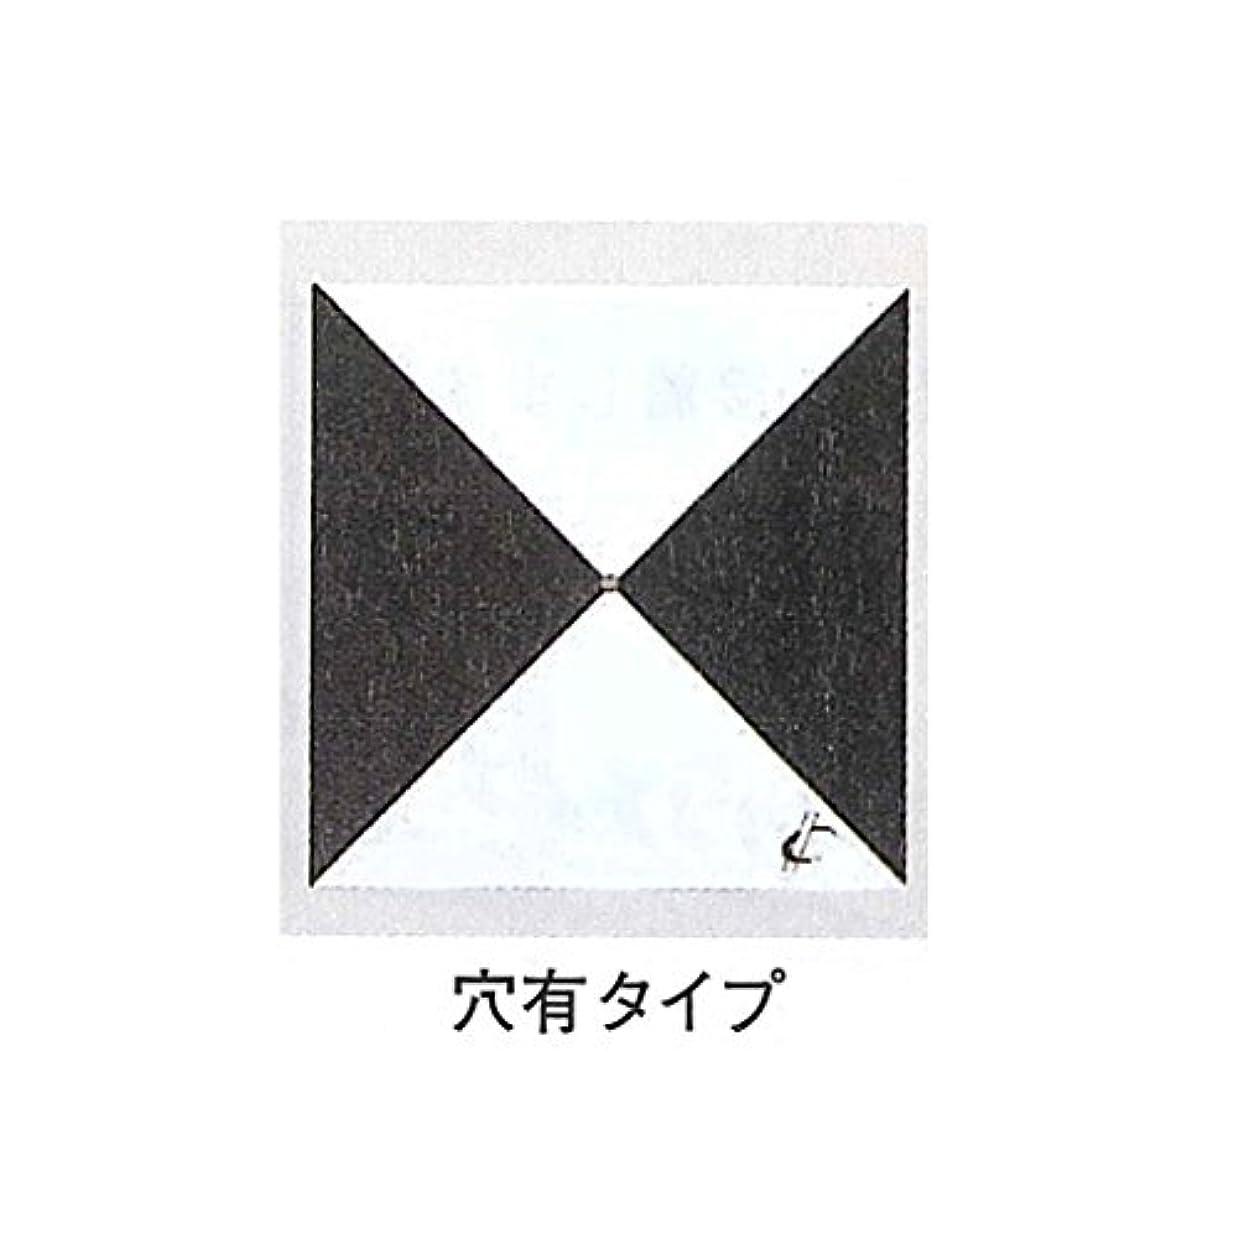 食欲高尚な論文カクマル 遺跡用対空標識 K-51 50×50穴(3φ)有/100枚入